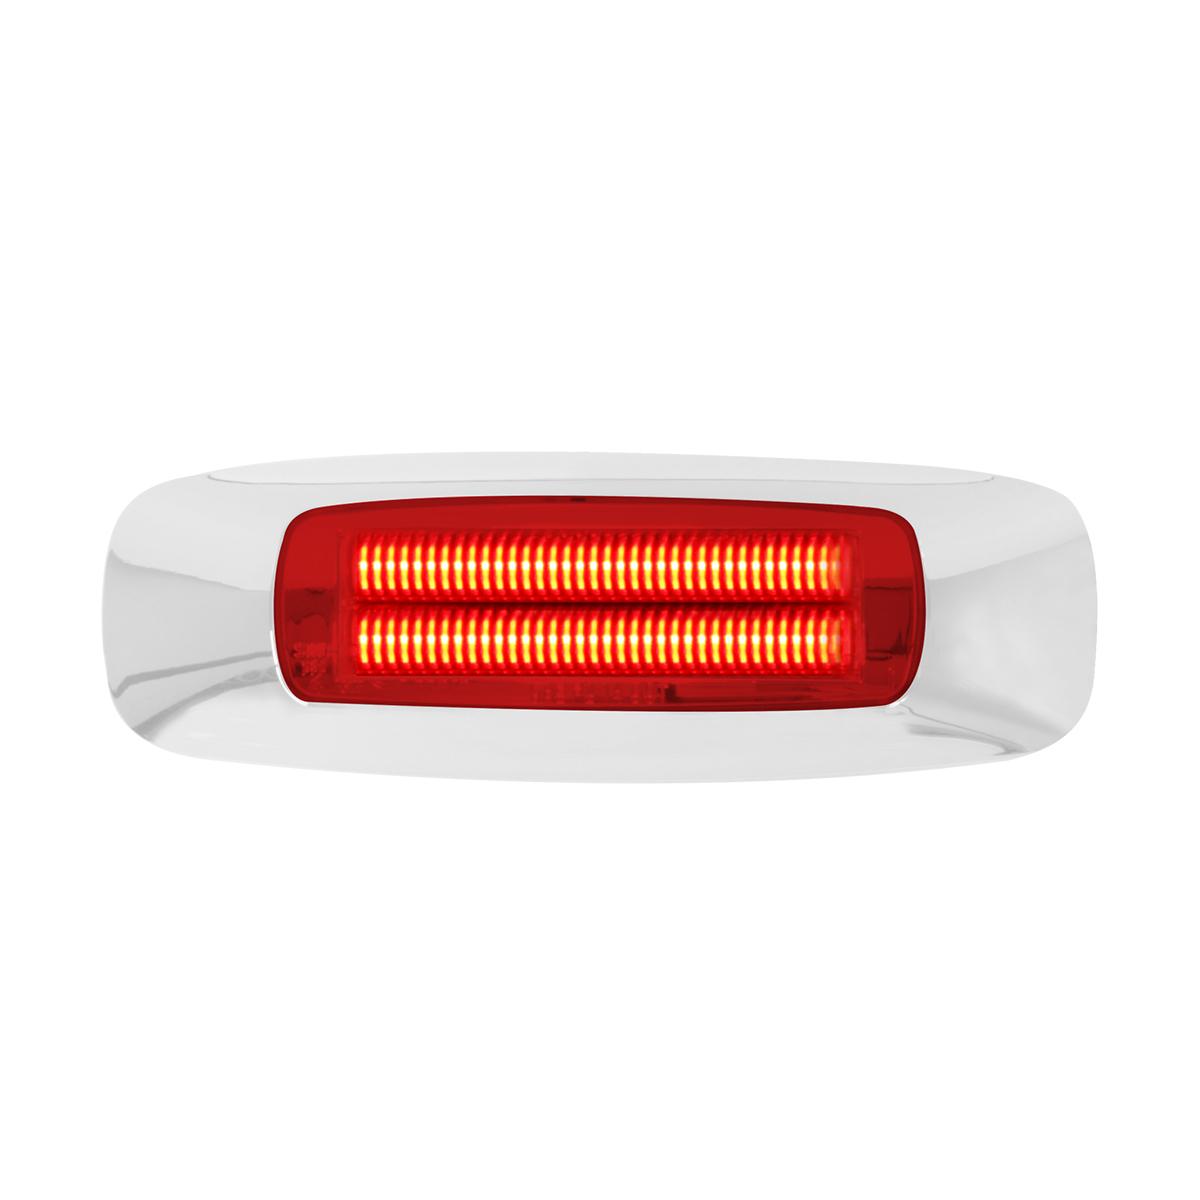 """74832 4-5/8"""" Rectangular Prime LED Marker Light in Red/Red"""